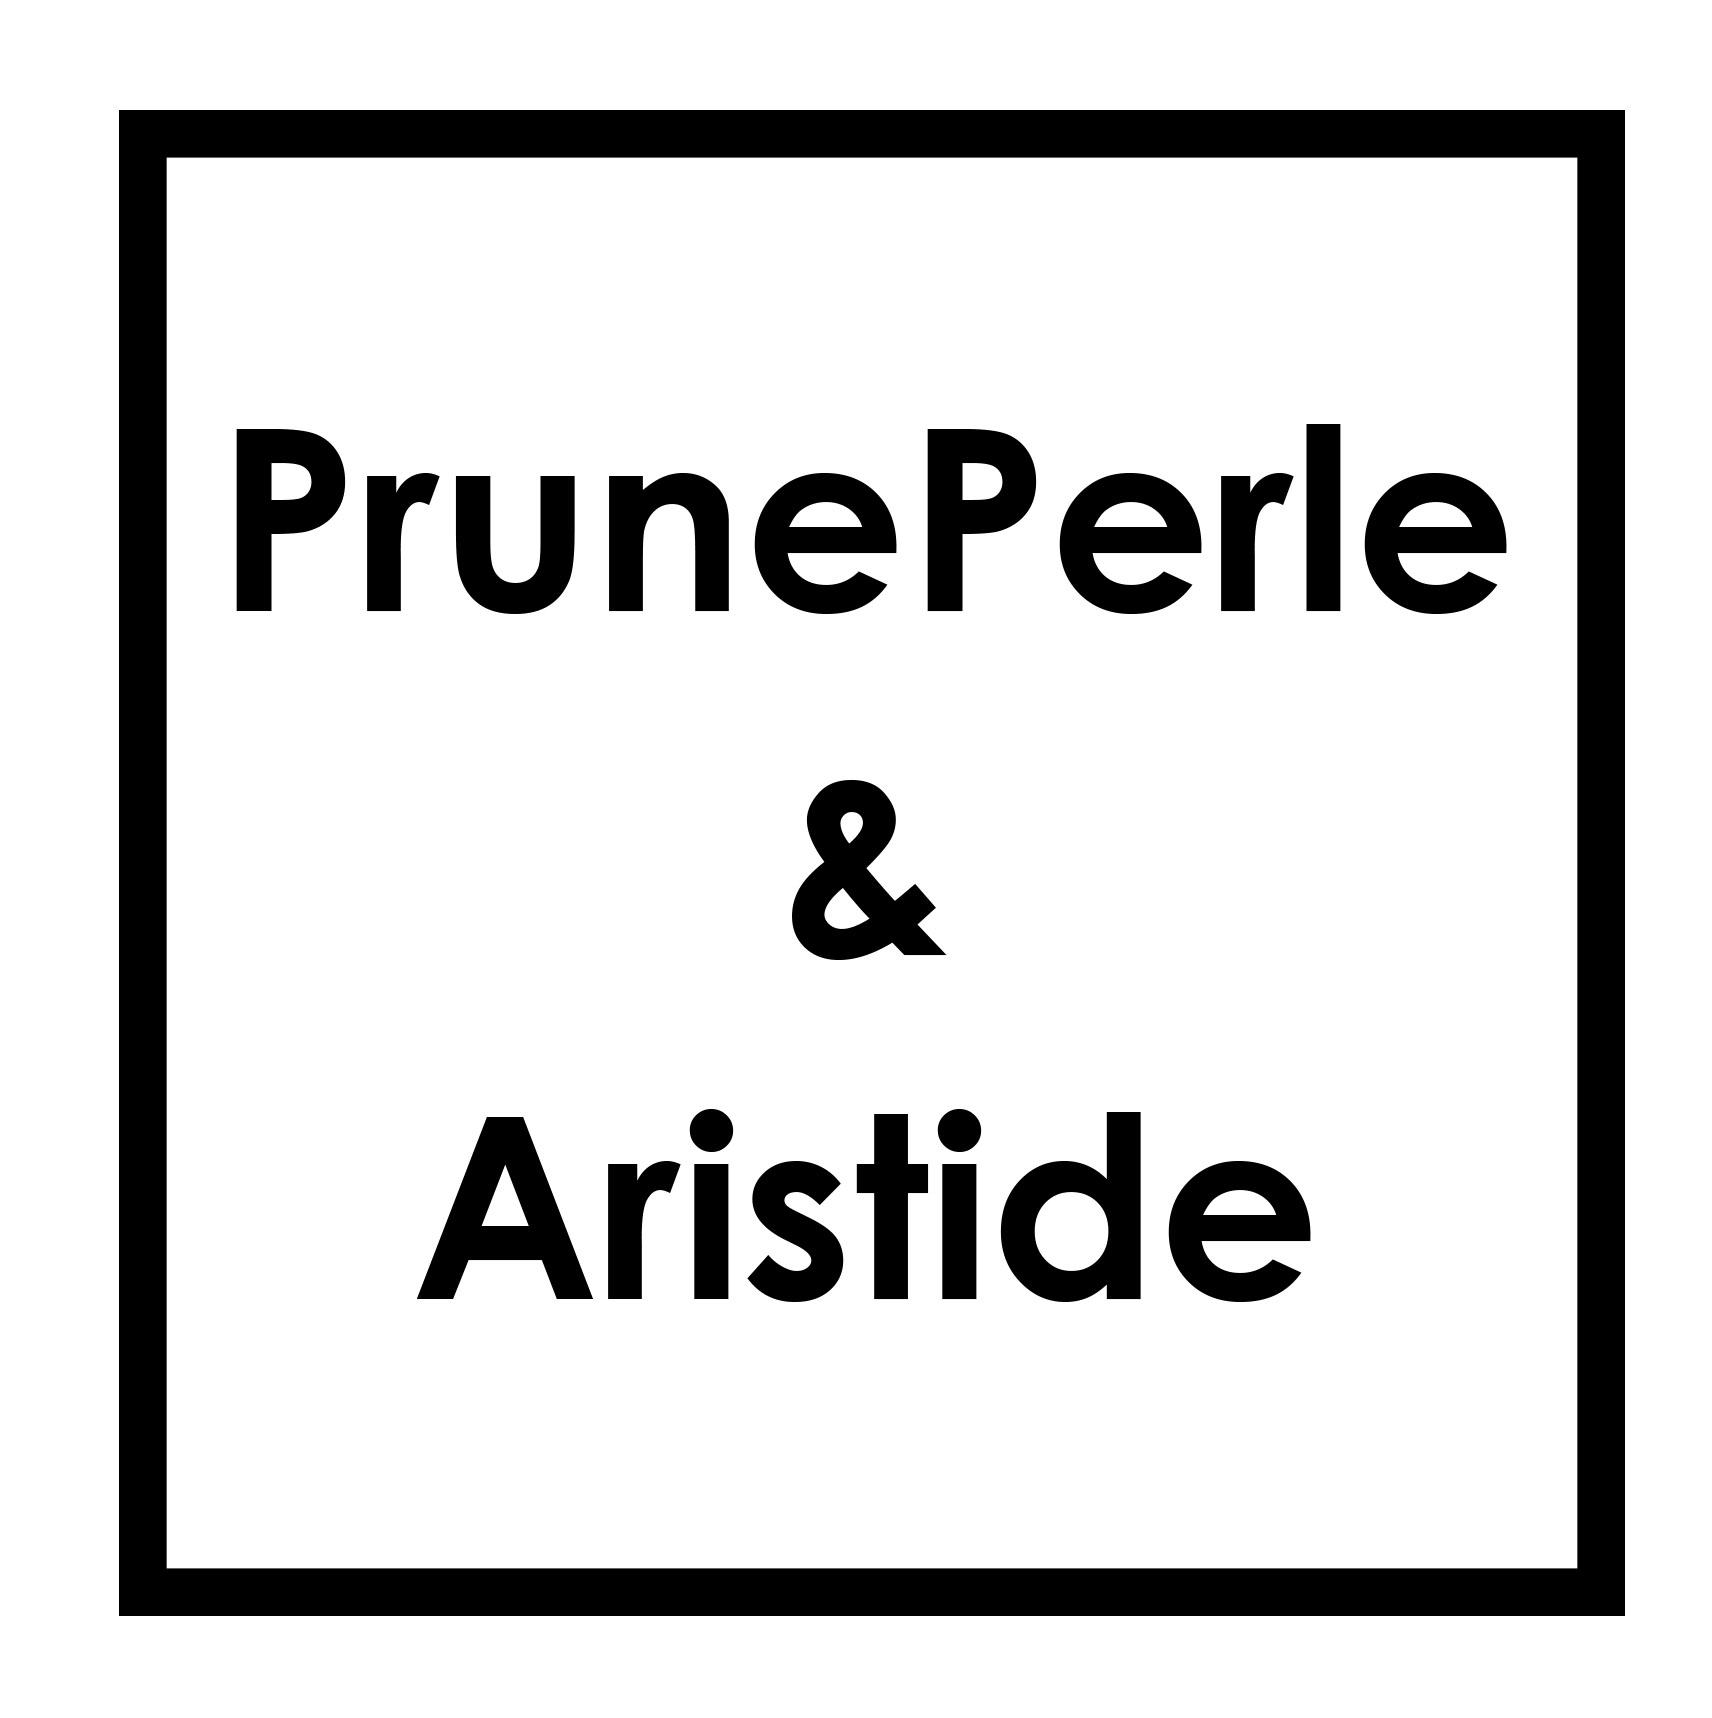 La résolution de PrunePerle pour2014